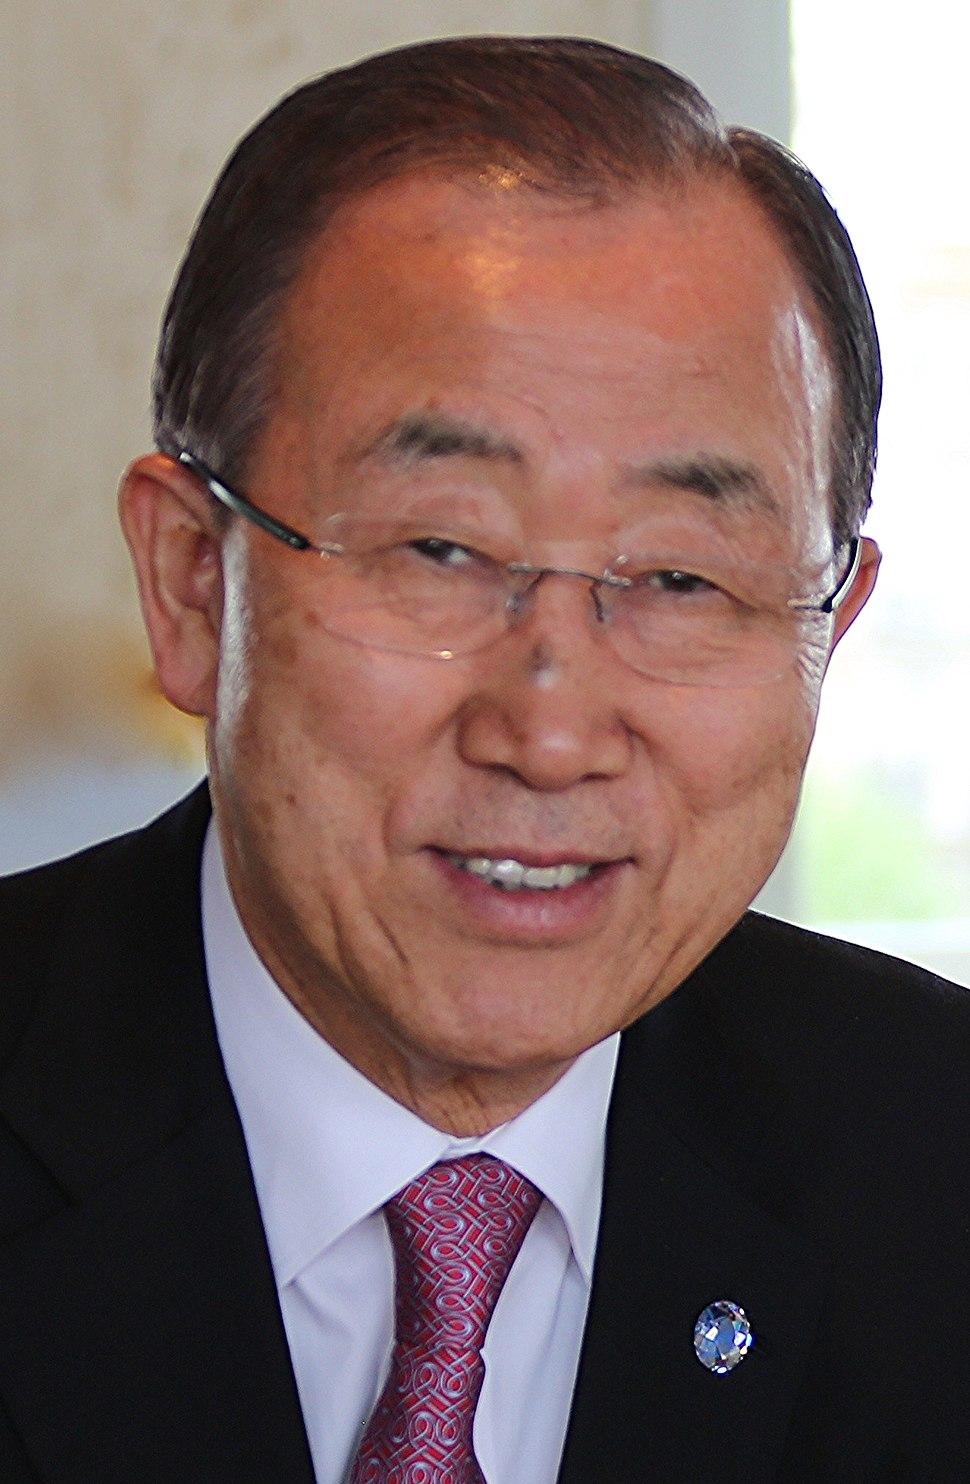 Ban Ki-moon April 2015